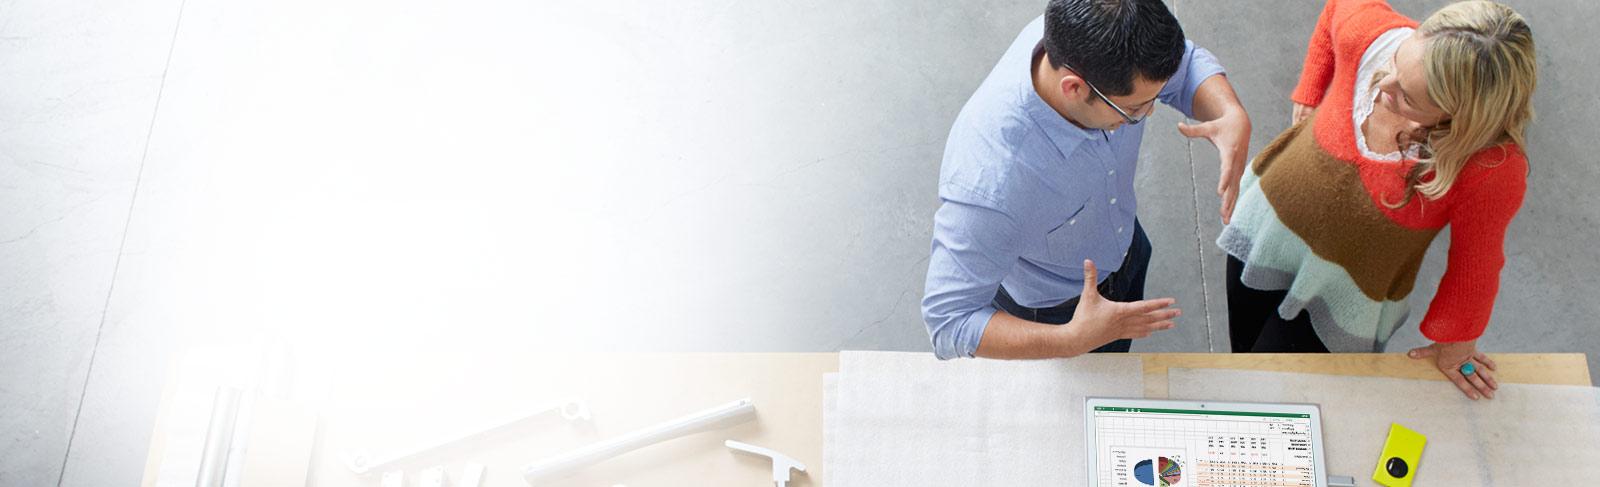 Seorang lelaki dan wanita berdiri di tepi meja lakar menggunakan Office 365 ProPlus pada tablet.